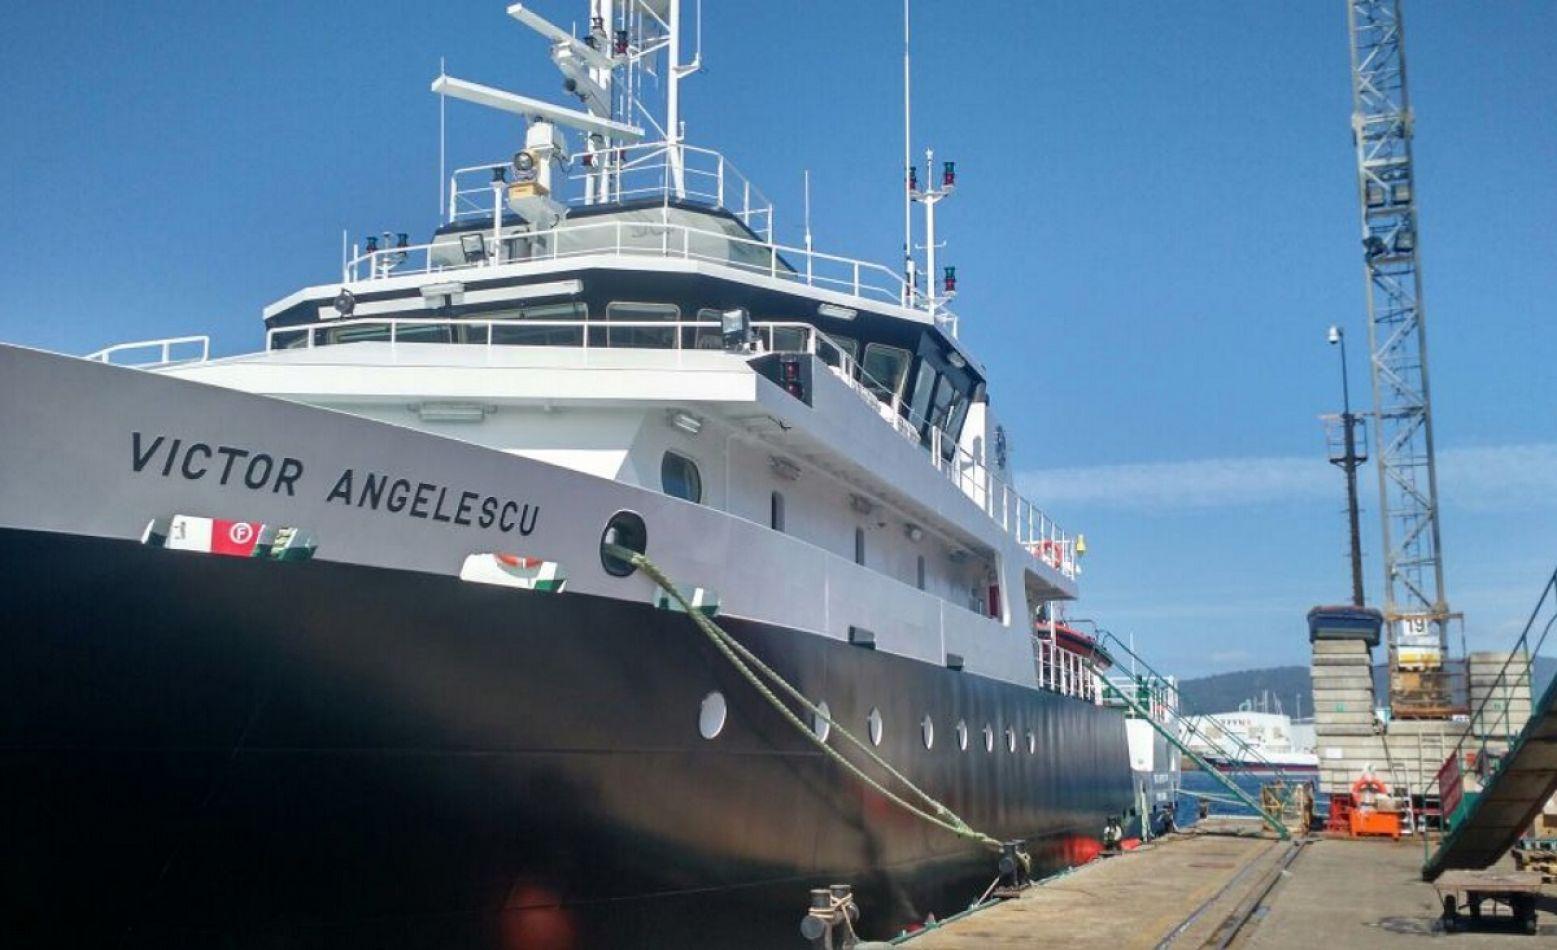 El buque oceanográfico Víctor Angelescus será la nave que transportará a los científicos.